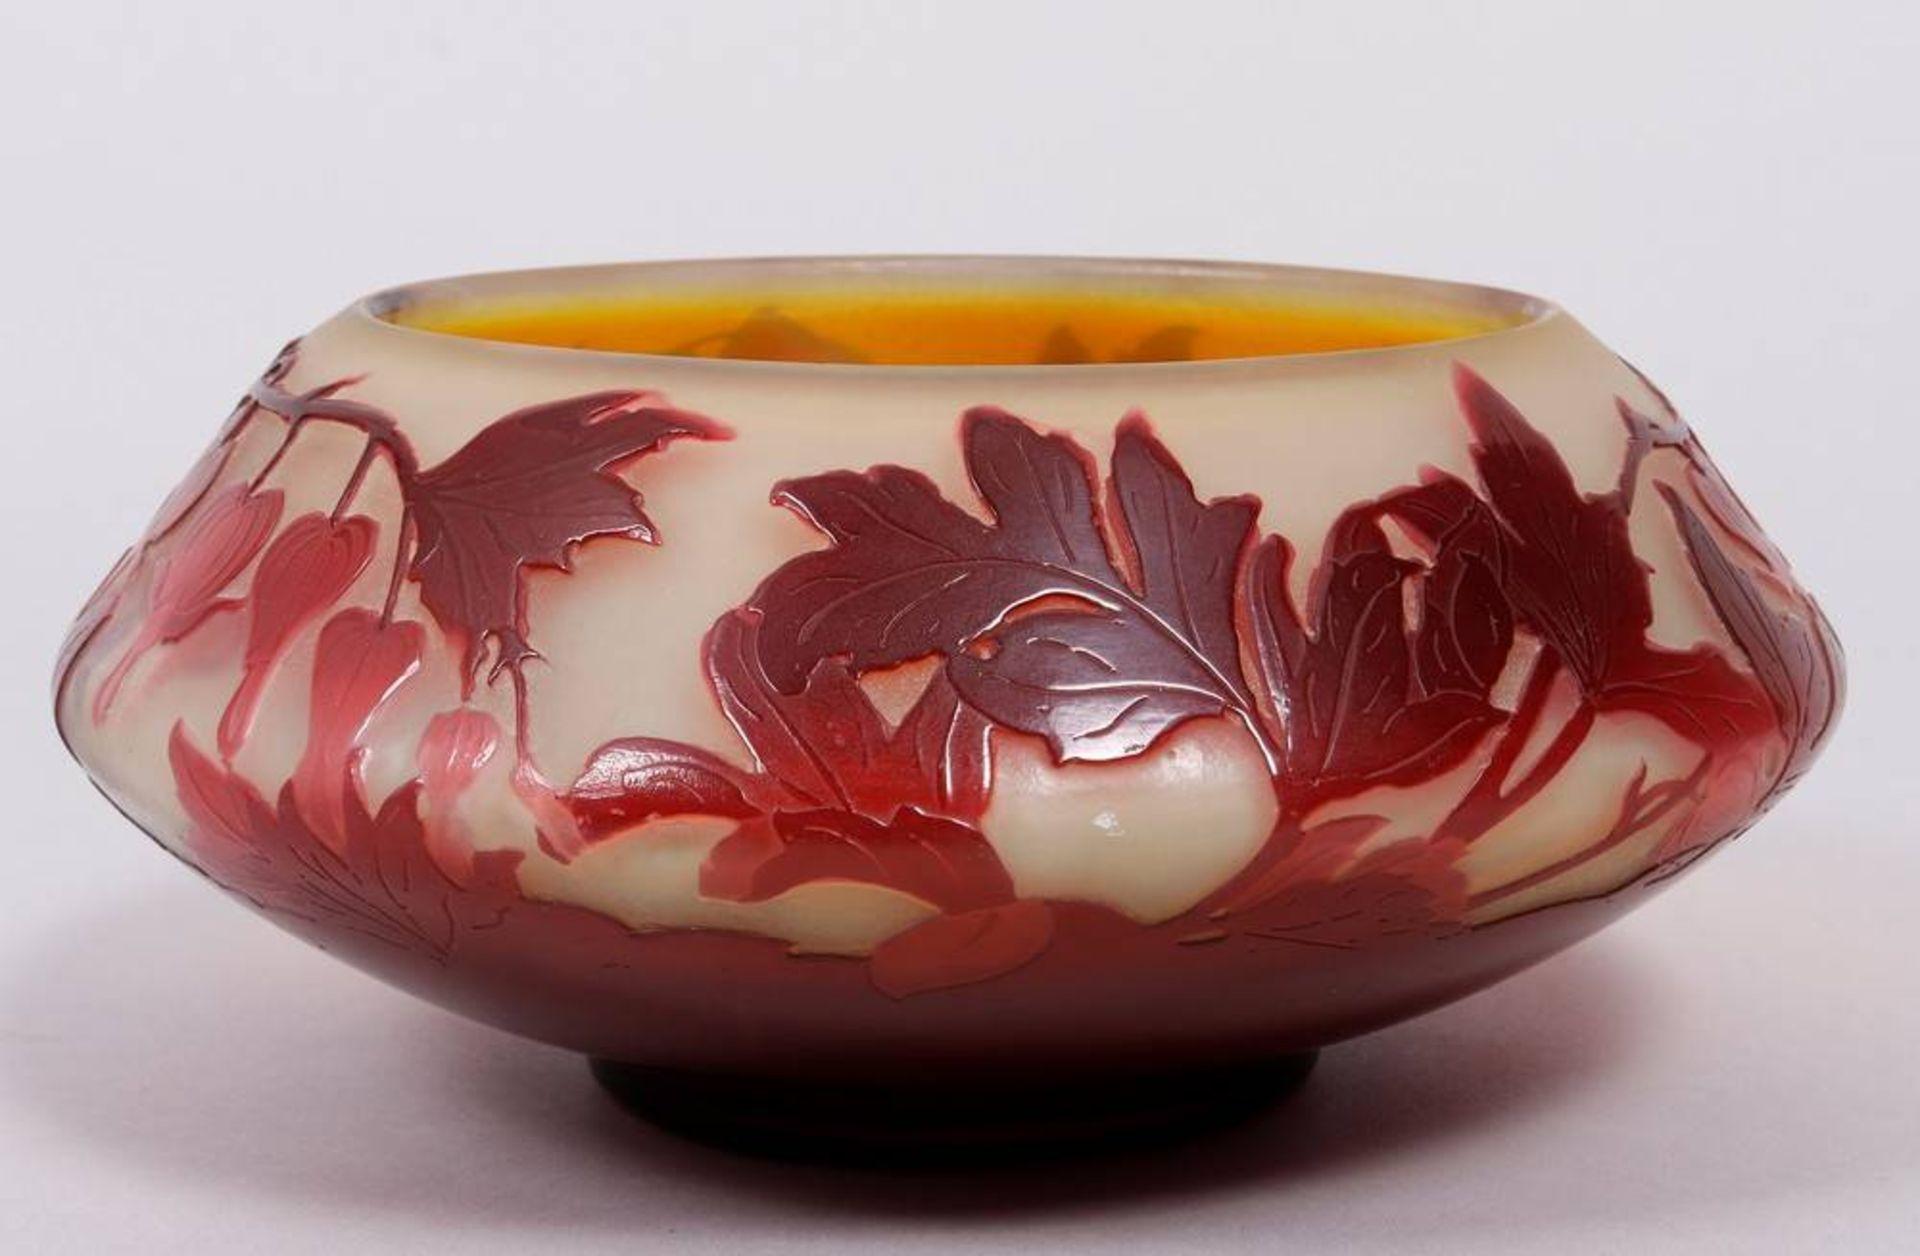 Art Nouveau bowl, Émile Gallé (1846-1904), Nancy, ca. 1900 - Image 2 of 4